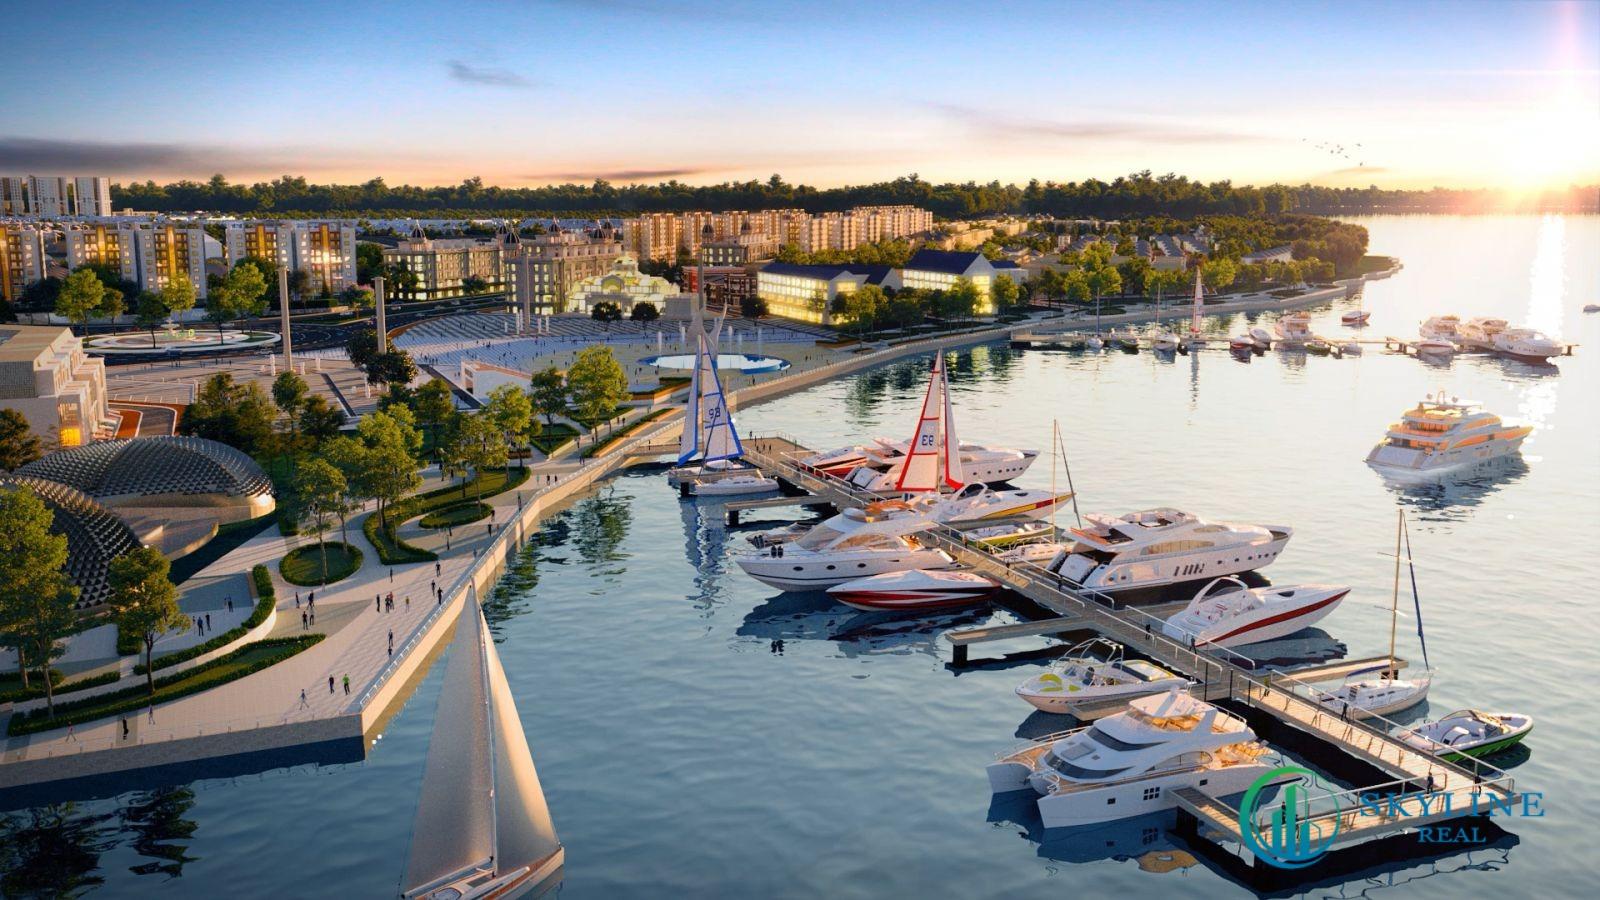 Tổ hợp Quảng trường - Bến du thuyền Aqua Marina là điểm nhấn tiện ích thỏa mãn cả yêu cầu về thẩm mỹ lẫn lối sống đỉnh cao của cư dân và du khách thượng lưu.